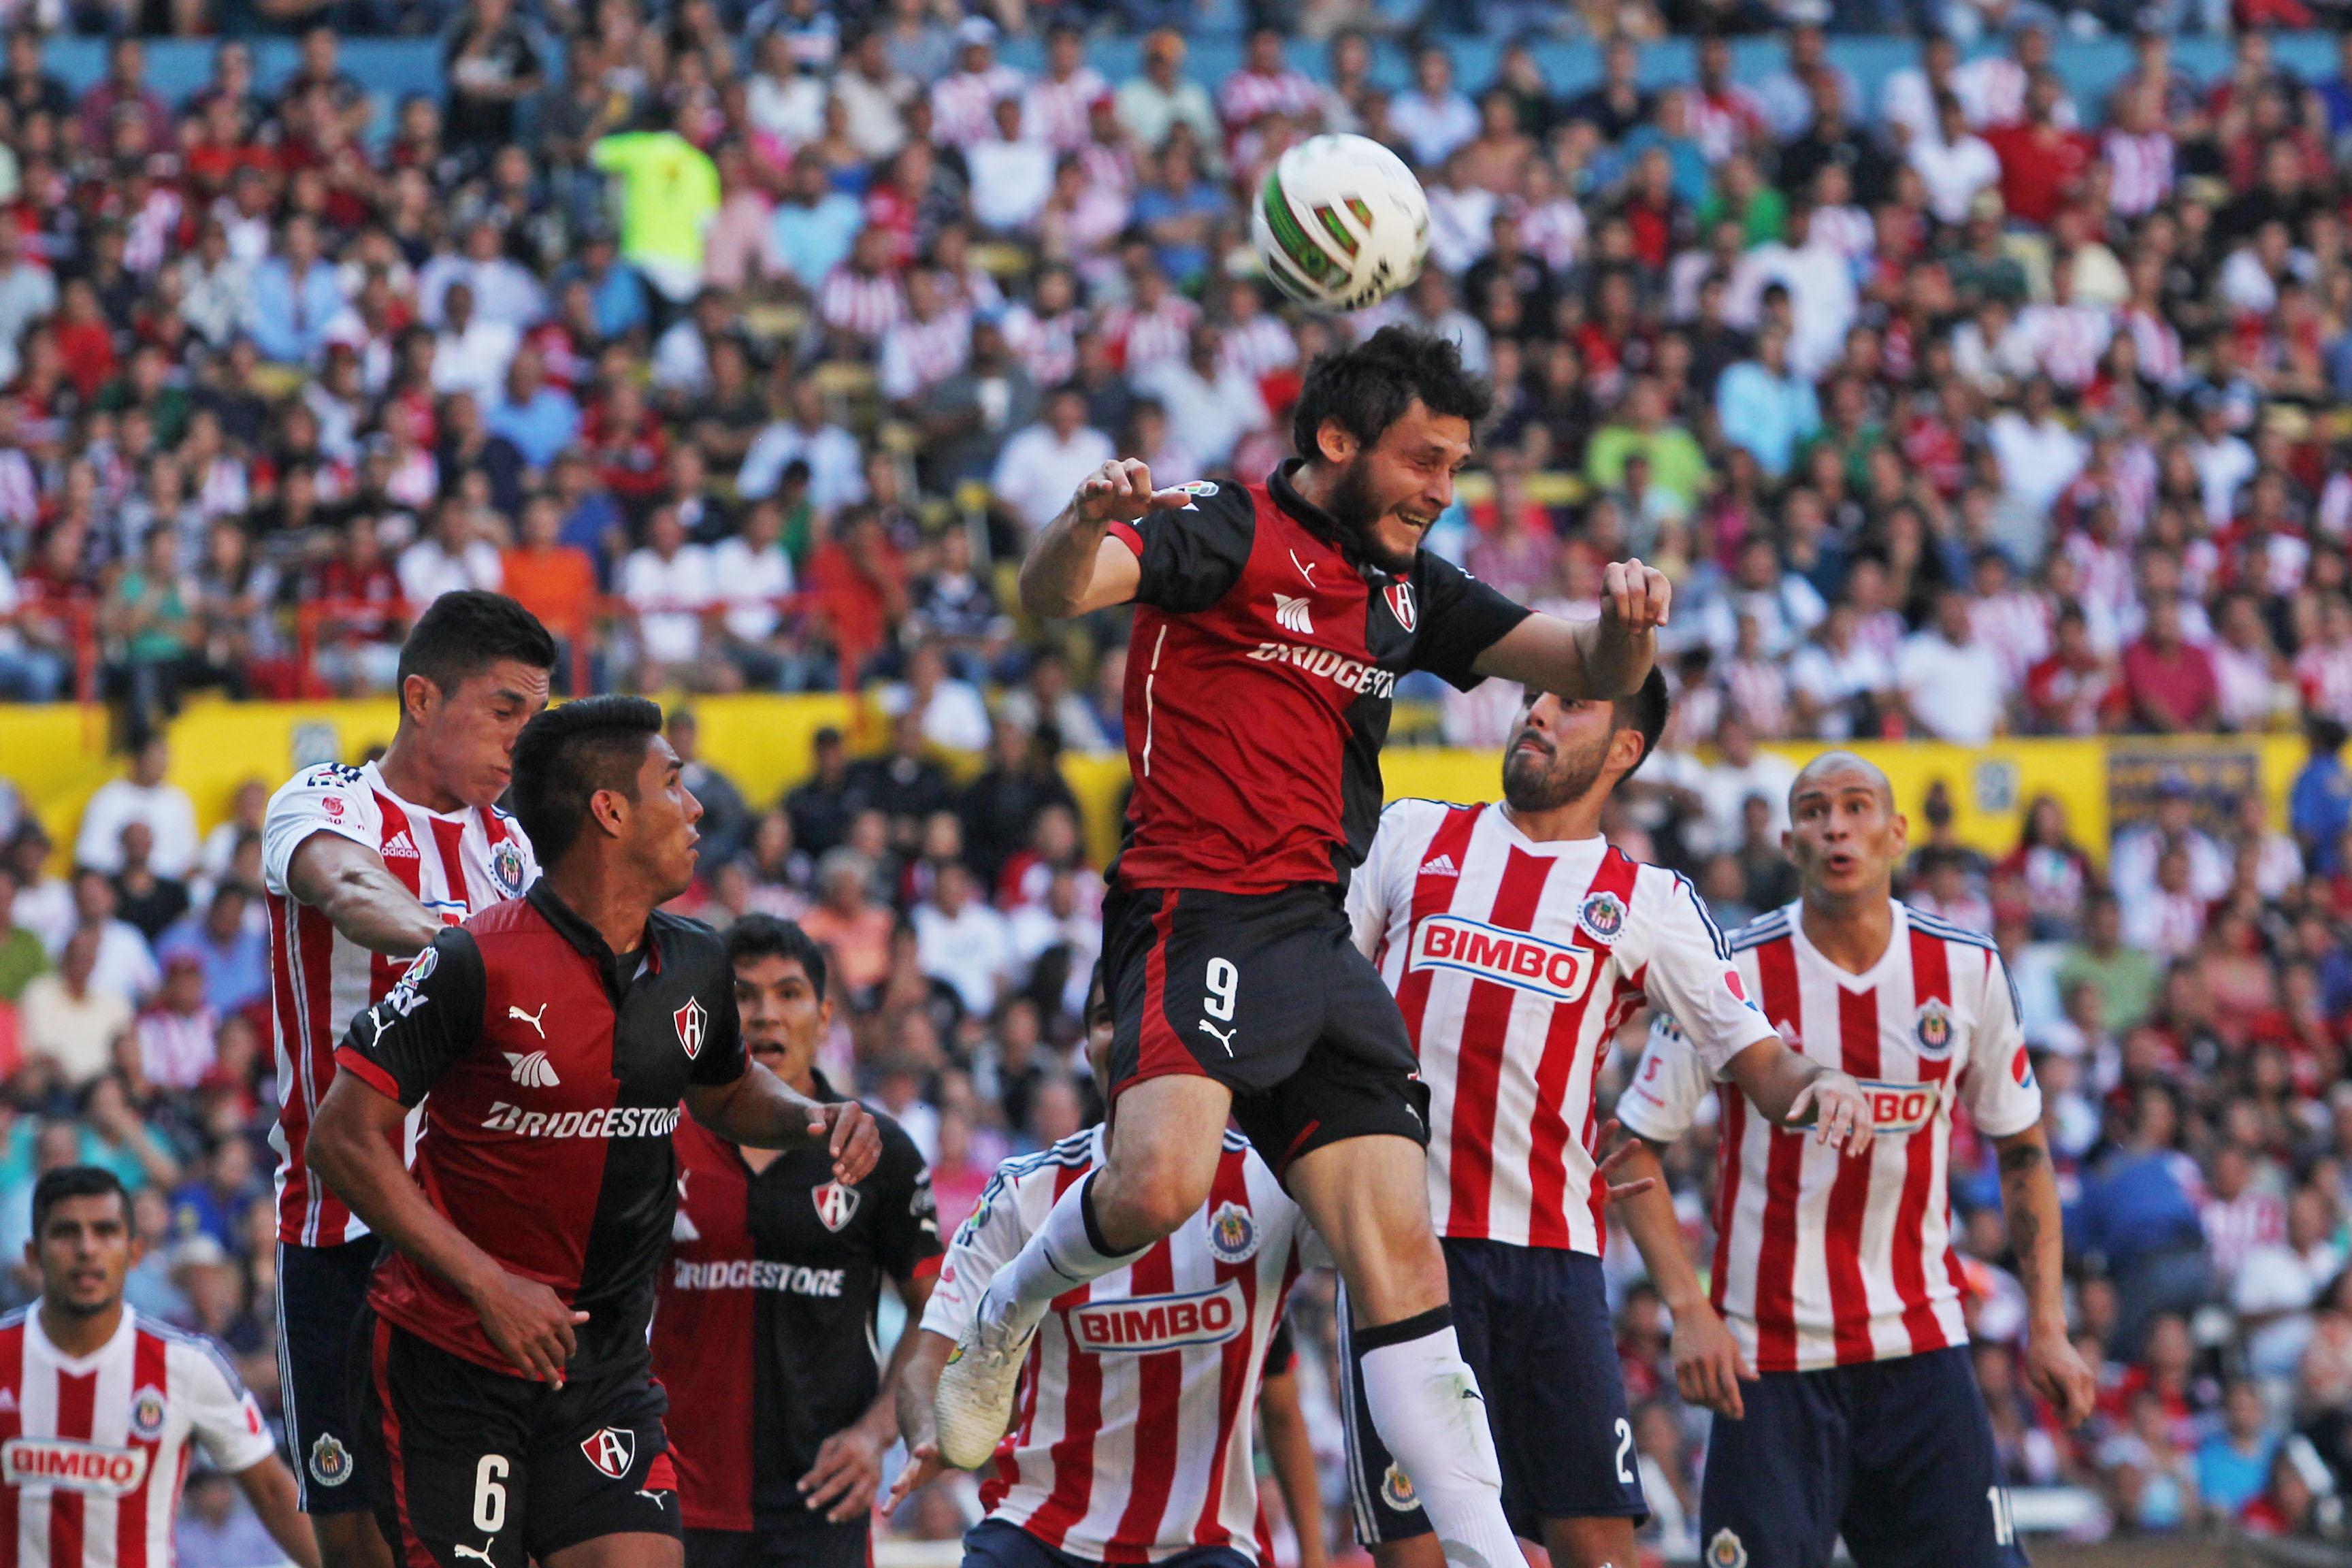 GUADALAJARA, JALISCO. 17MAYO2015.- El jugador del Atlas Luis Caballero, disputa un  balón frente al contrario de Chivas Néstor Vidrio, esto en partido correspondiente a la vuelta de los Cuartos de Final del Torneo Clausura 2015 de la Liga MX, en donde se enfrentan los equipos de las Chivas de Guadalajara frente a las Zorros del Atlas, en partido que se juega en el Estadio Jalisco.FOTO: FERNANDO CARRANZA GARCIA / CUARTOSCURO.COM